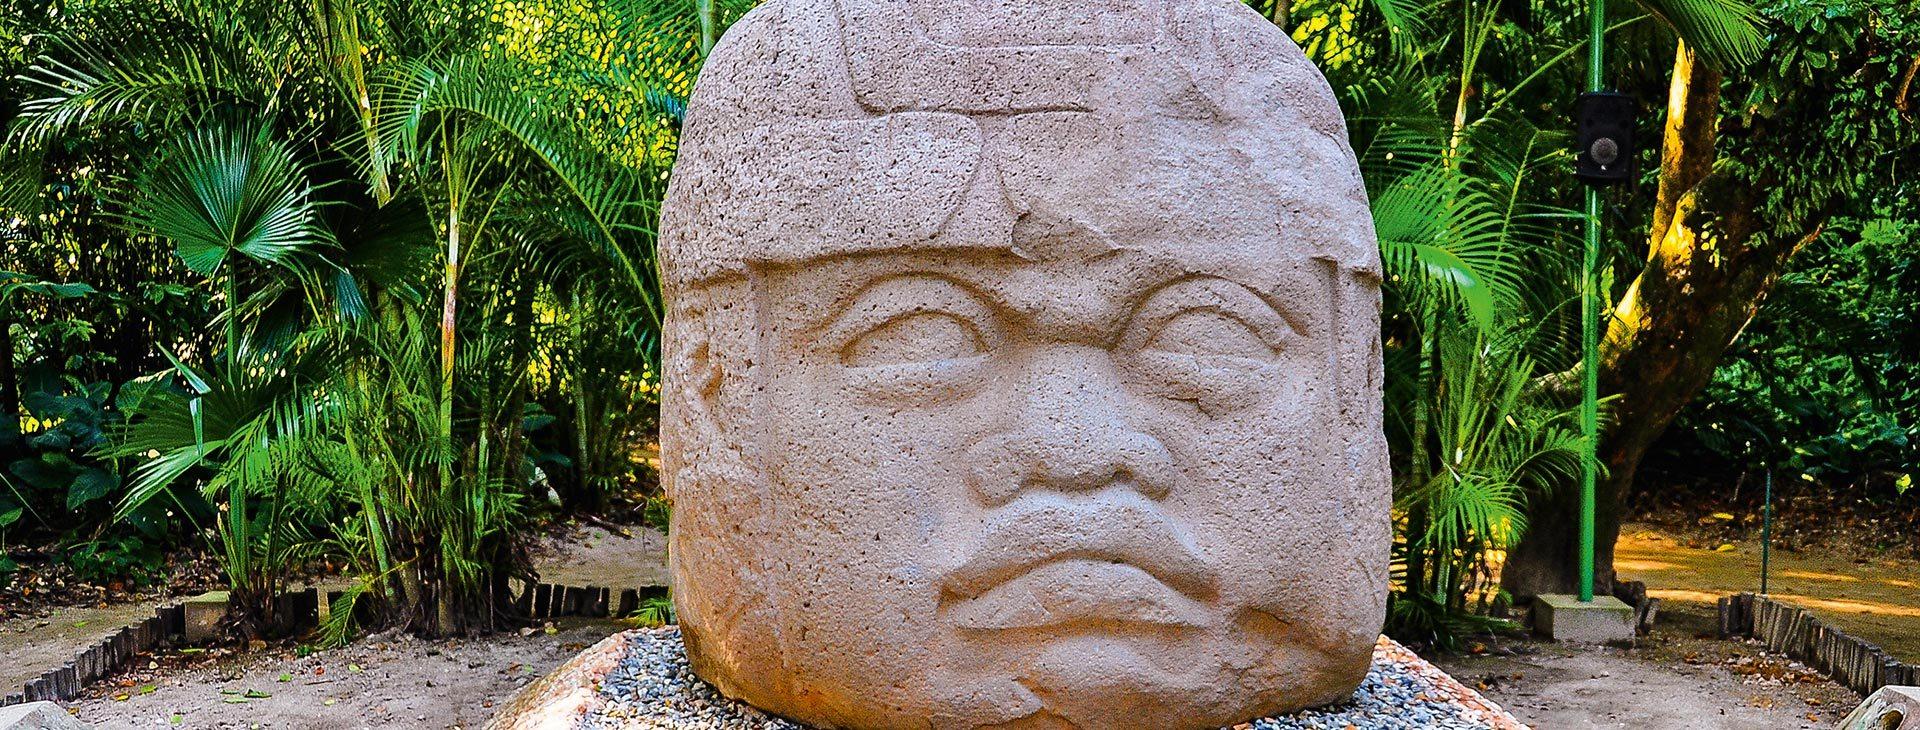 Meksyk znany i nieznany